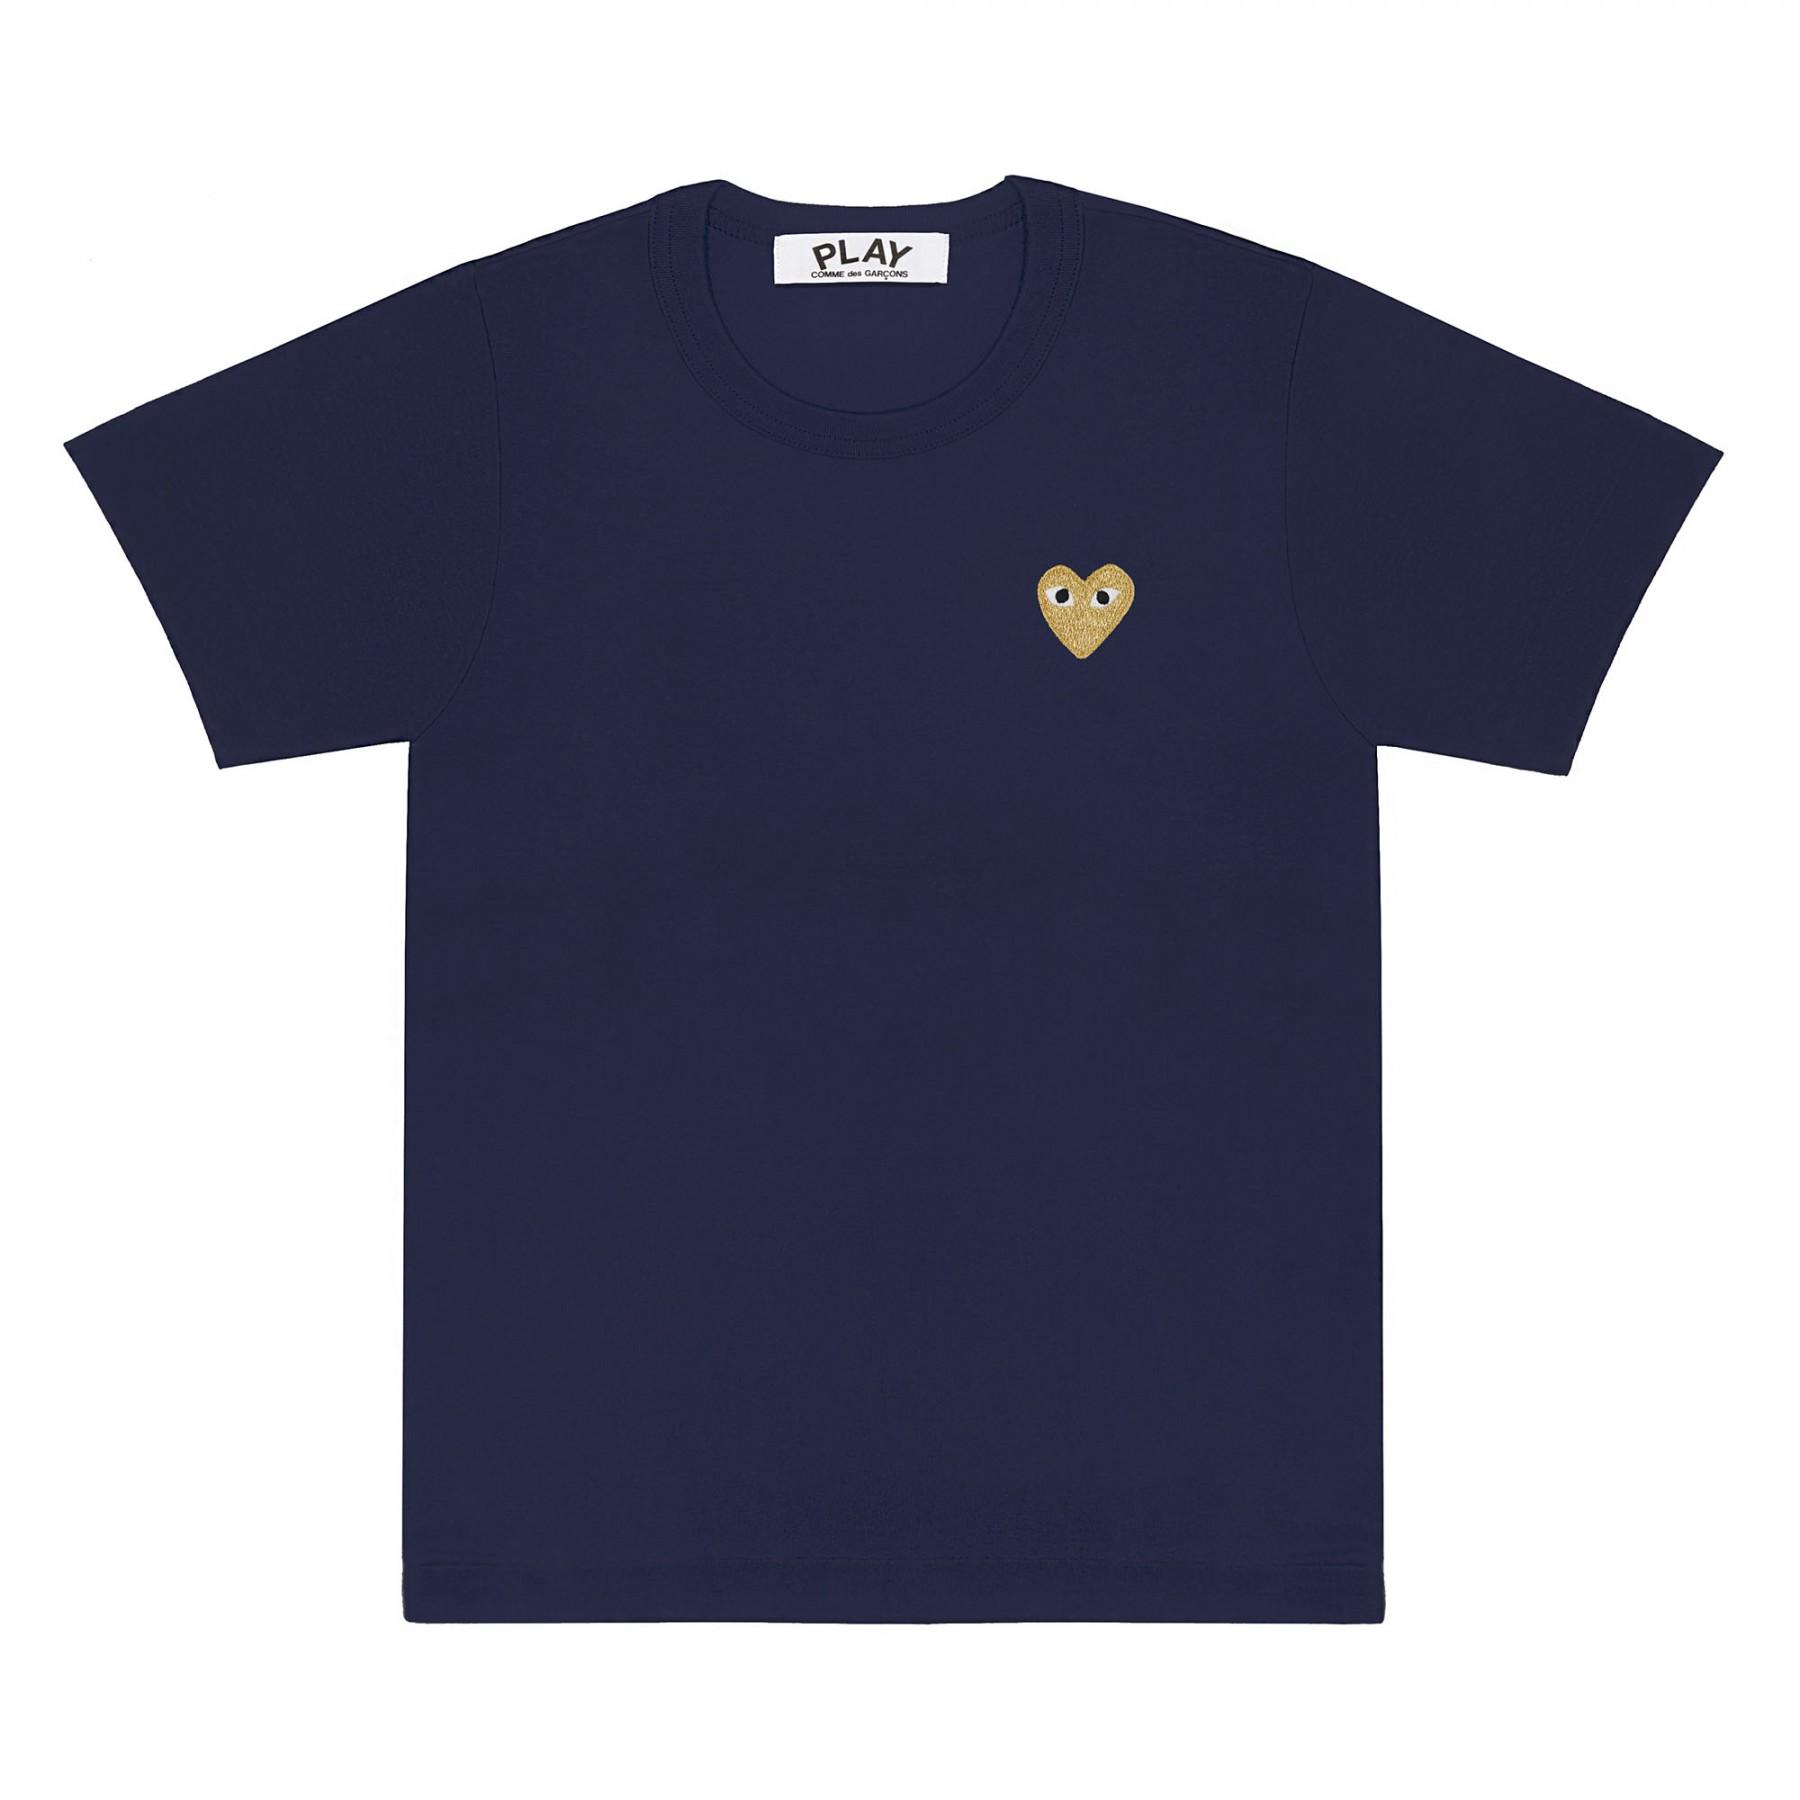 꼼데가르송 PLAY 네이비 티셔츠 원포인트 골드하트 (남성)